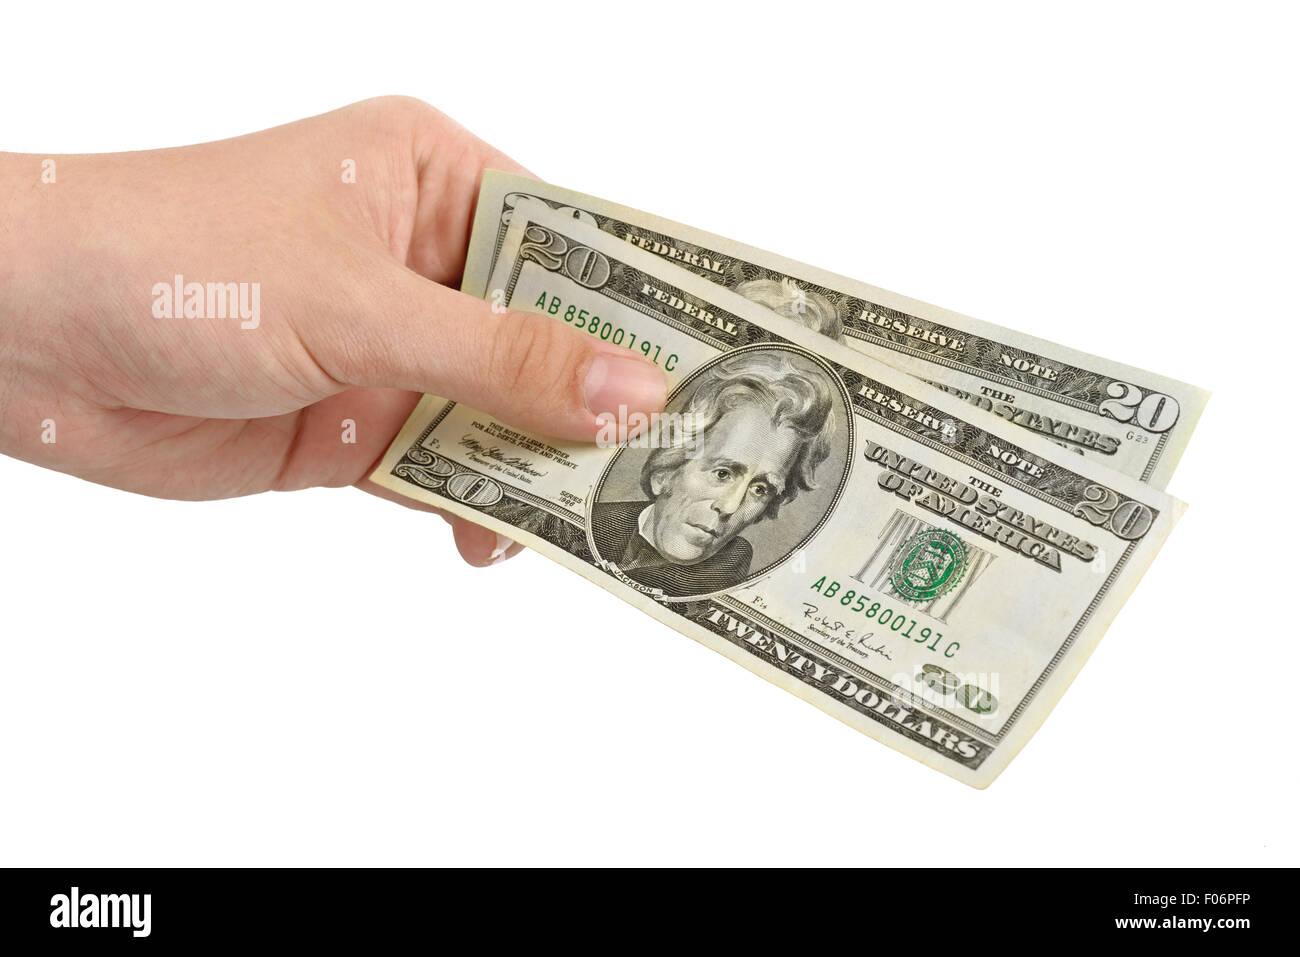 Mano con dinero dólares aislado sobre fondo blanco. Imagen De Stock